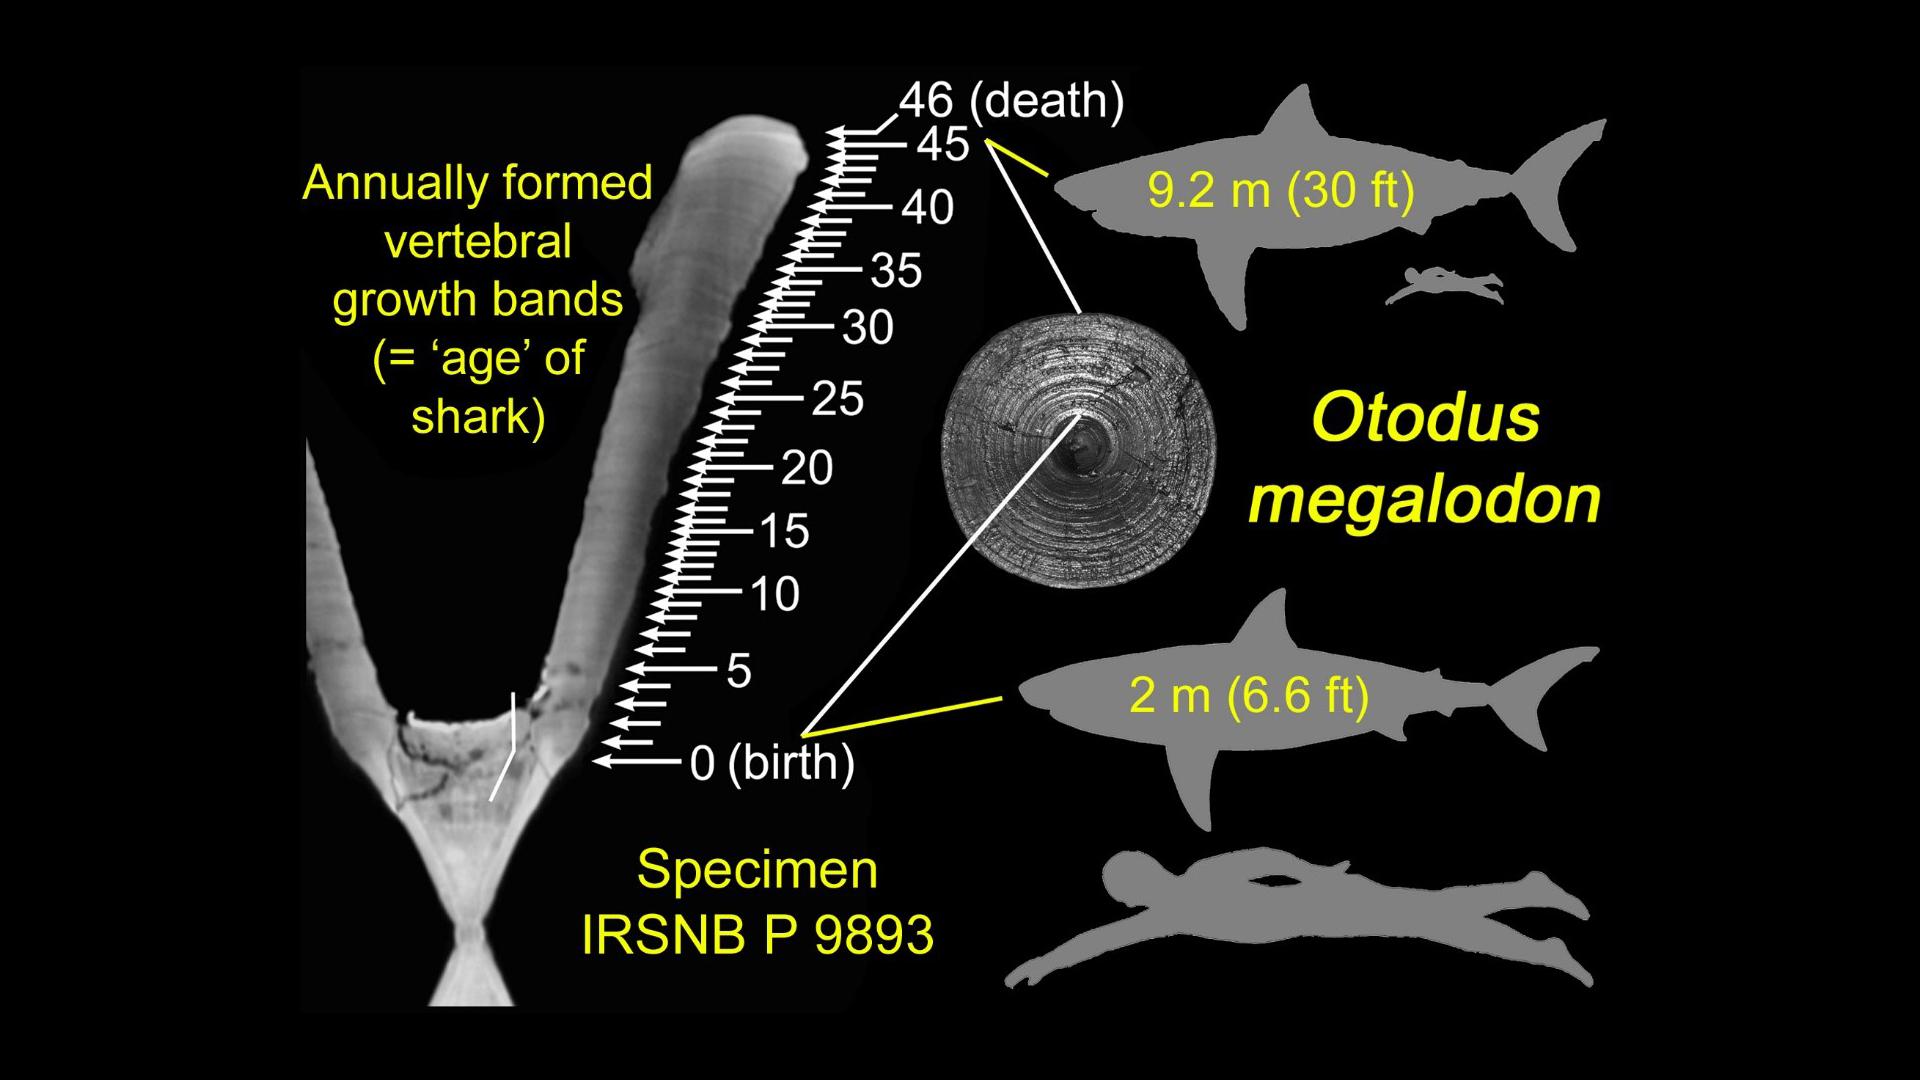 Des bandes de croissance annuelle identifiées dans une vertèbre du requin éteint Otodus megalodon, ainsi que des silhouettes hypothétiques du requin à la naissance et à la mort, chacune comparée à la taille d'un humain adulte typique.